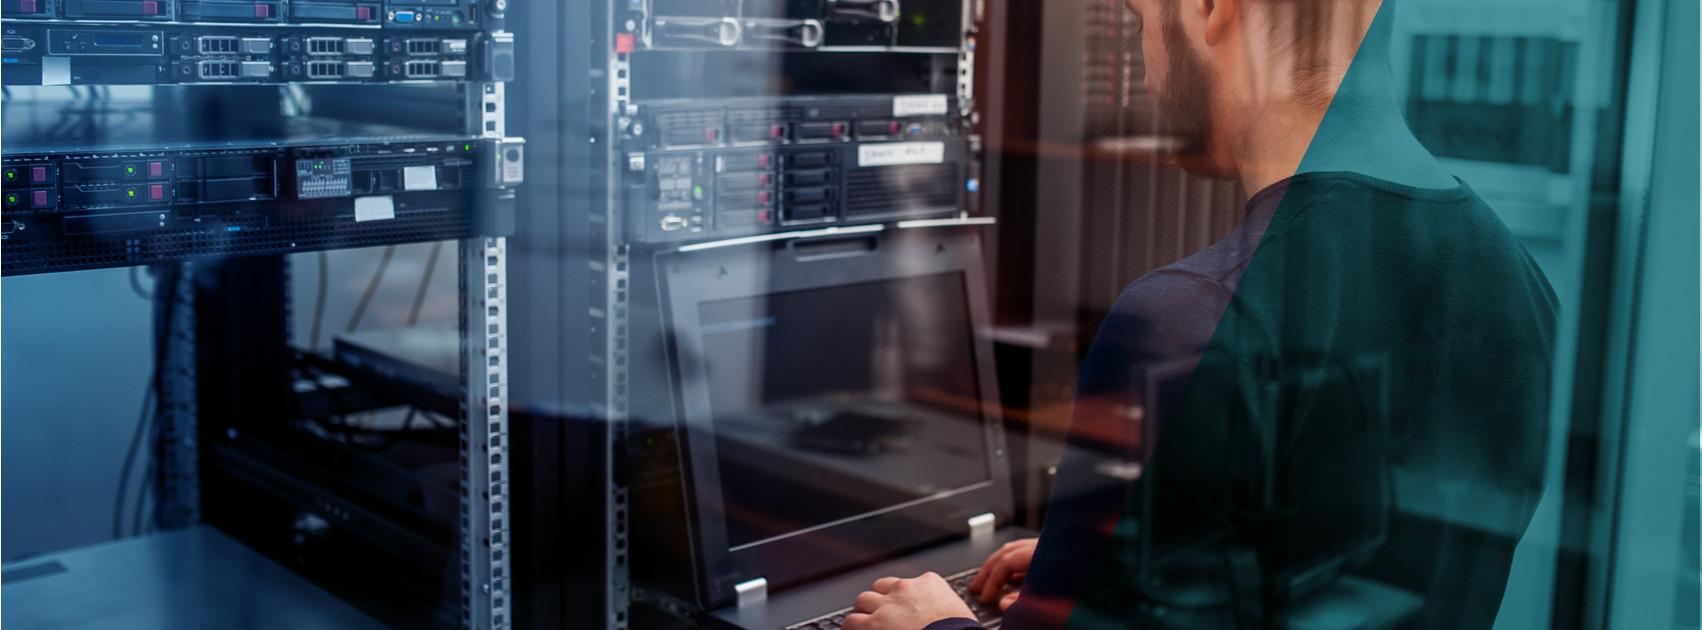 Molntjänst, hybrid eller traditionellt datacenter? | www